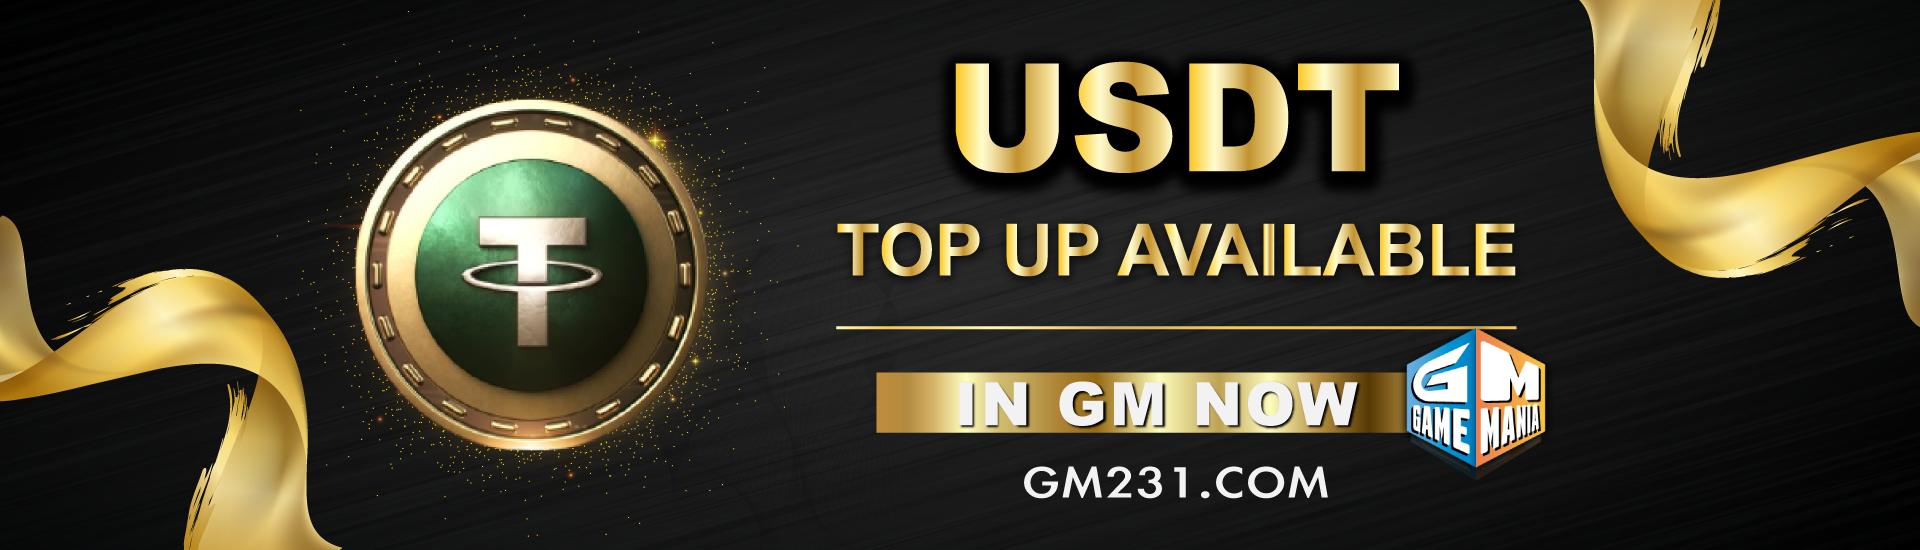 GM231.COM